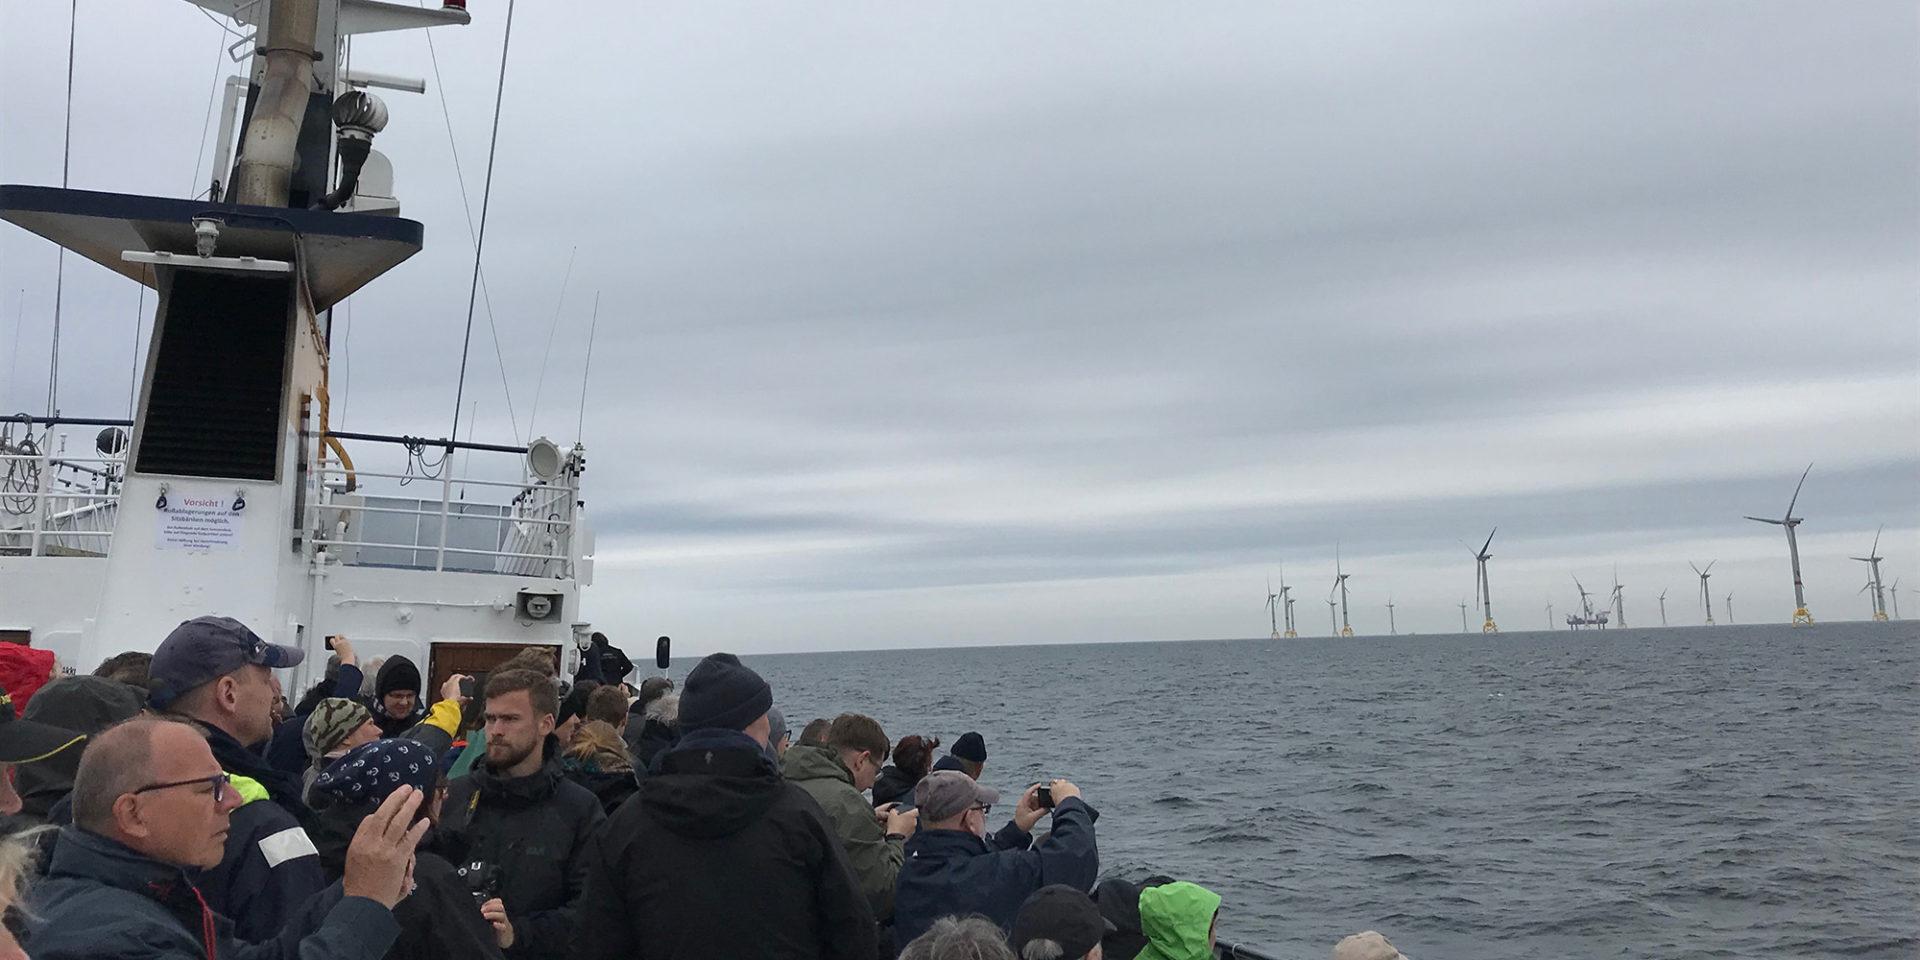 Menschen stehen auf einem Schiff, von dem aus sie einen Blick auf die Windräder in der Ostsee erhalten.